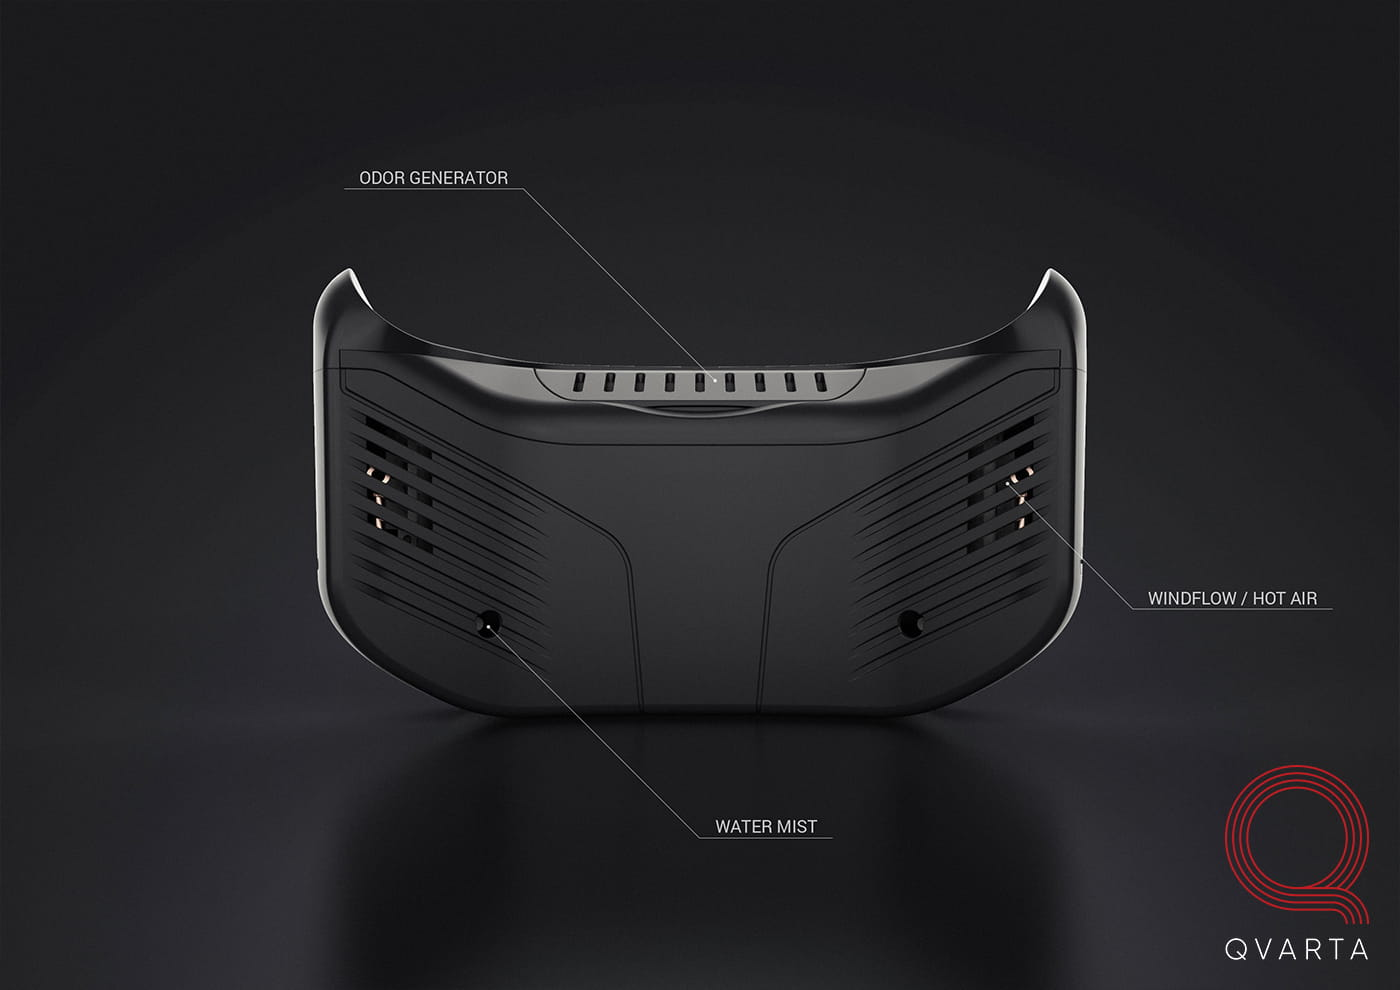 Сенсоры на VR очках.